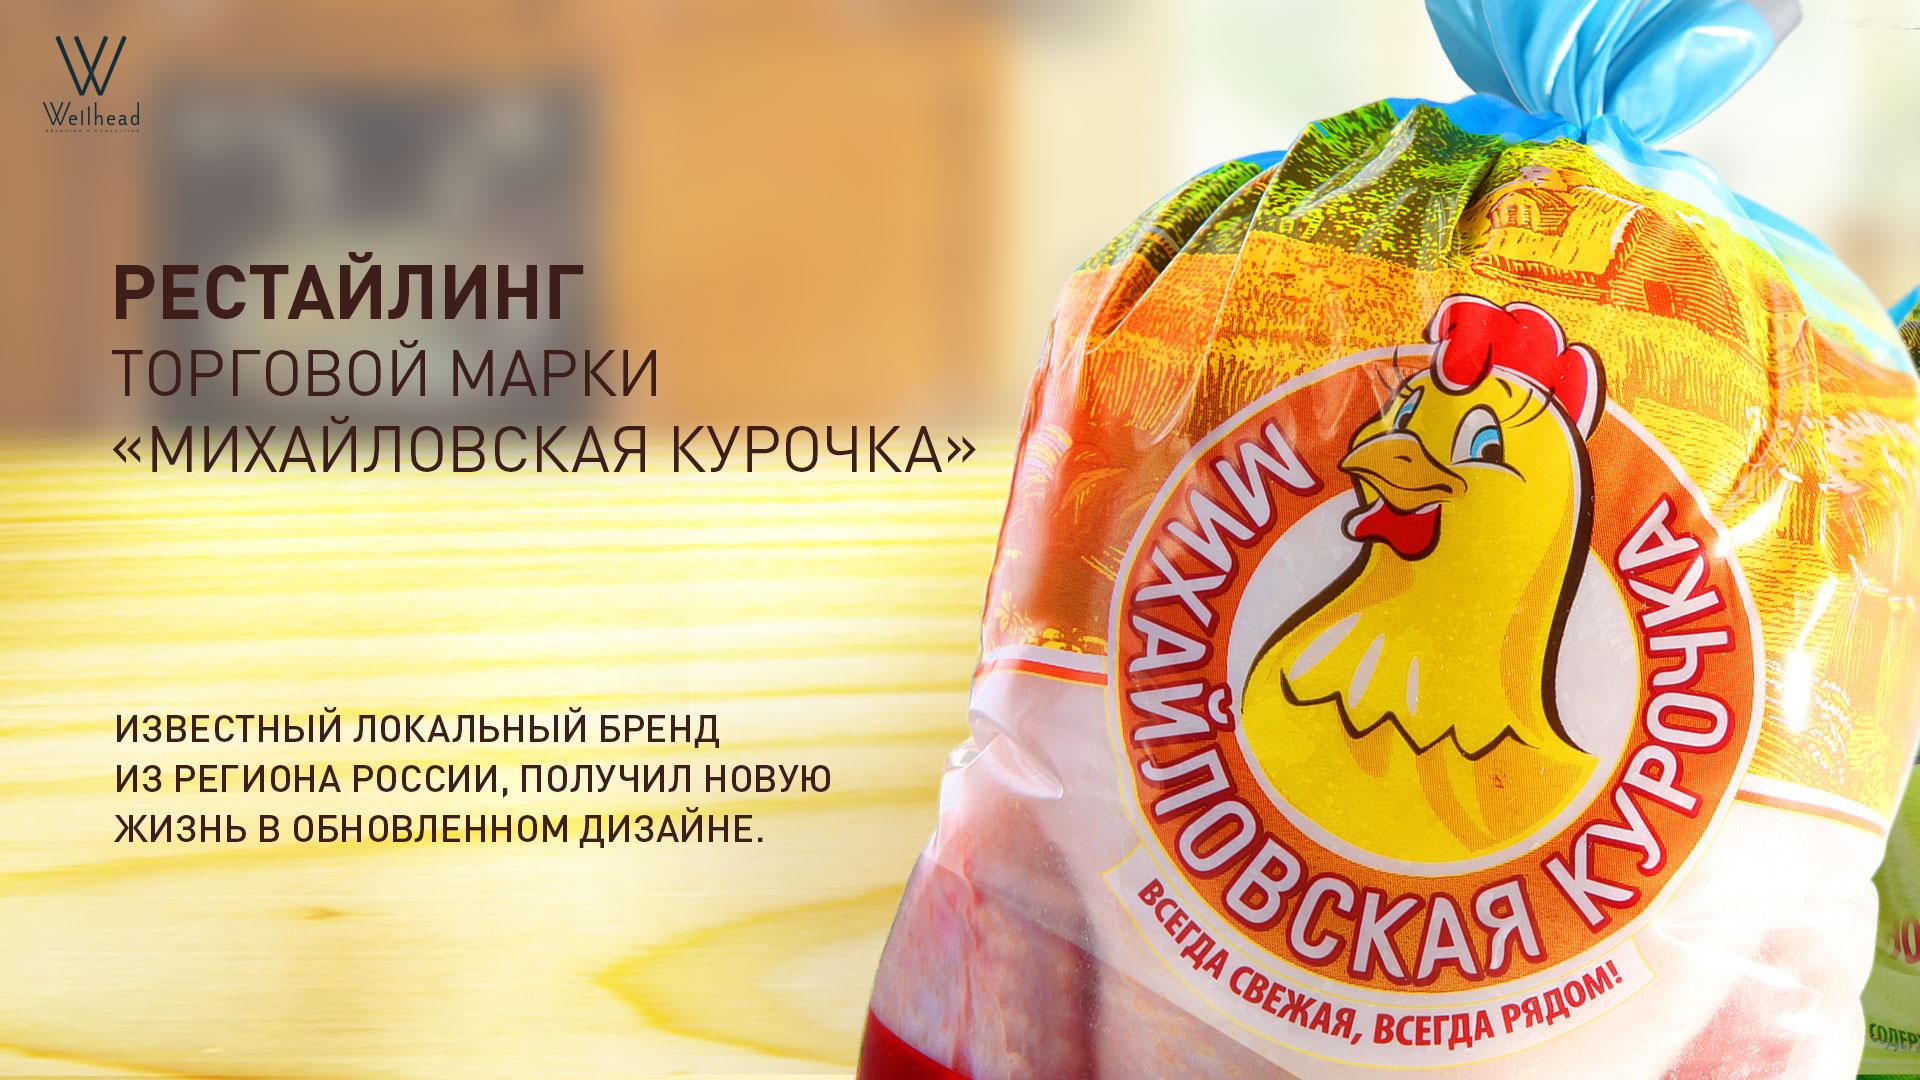 Михайловская курочка